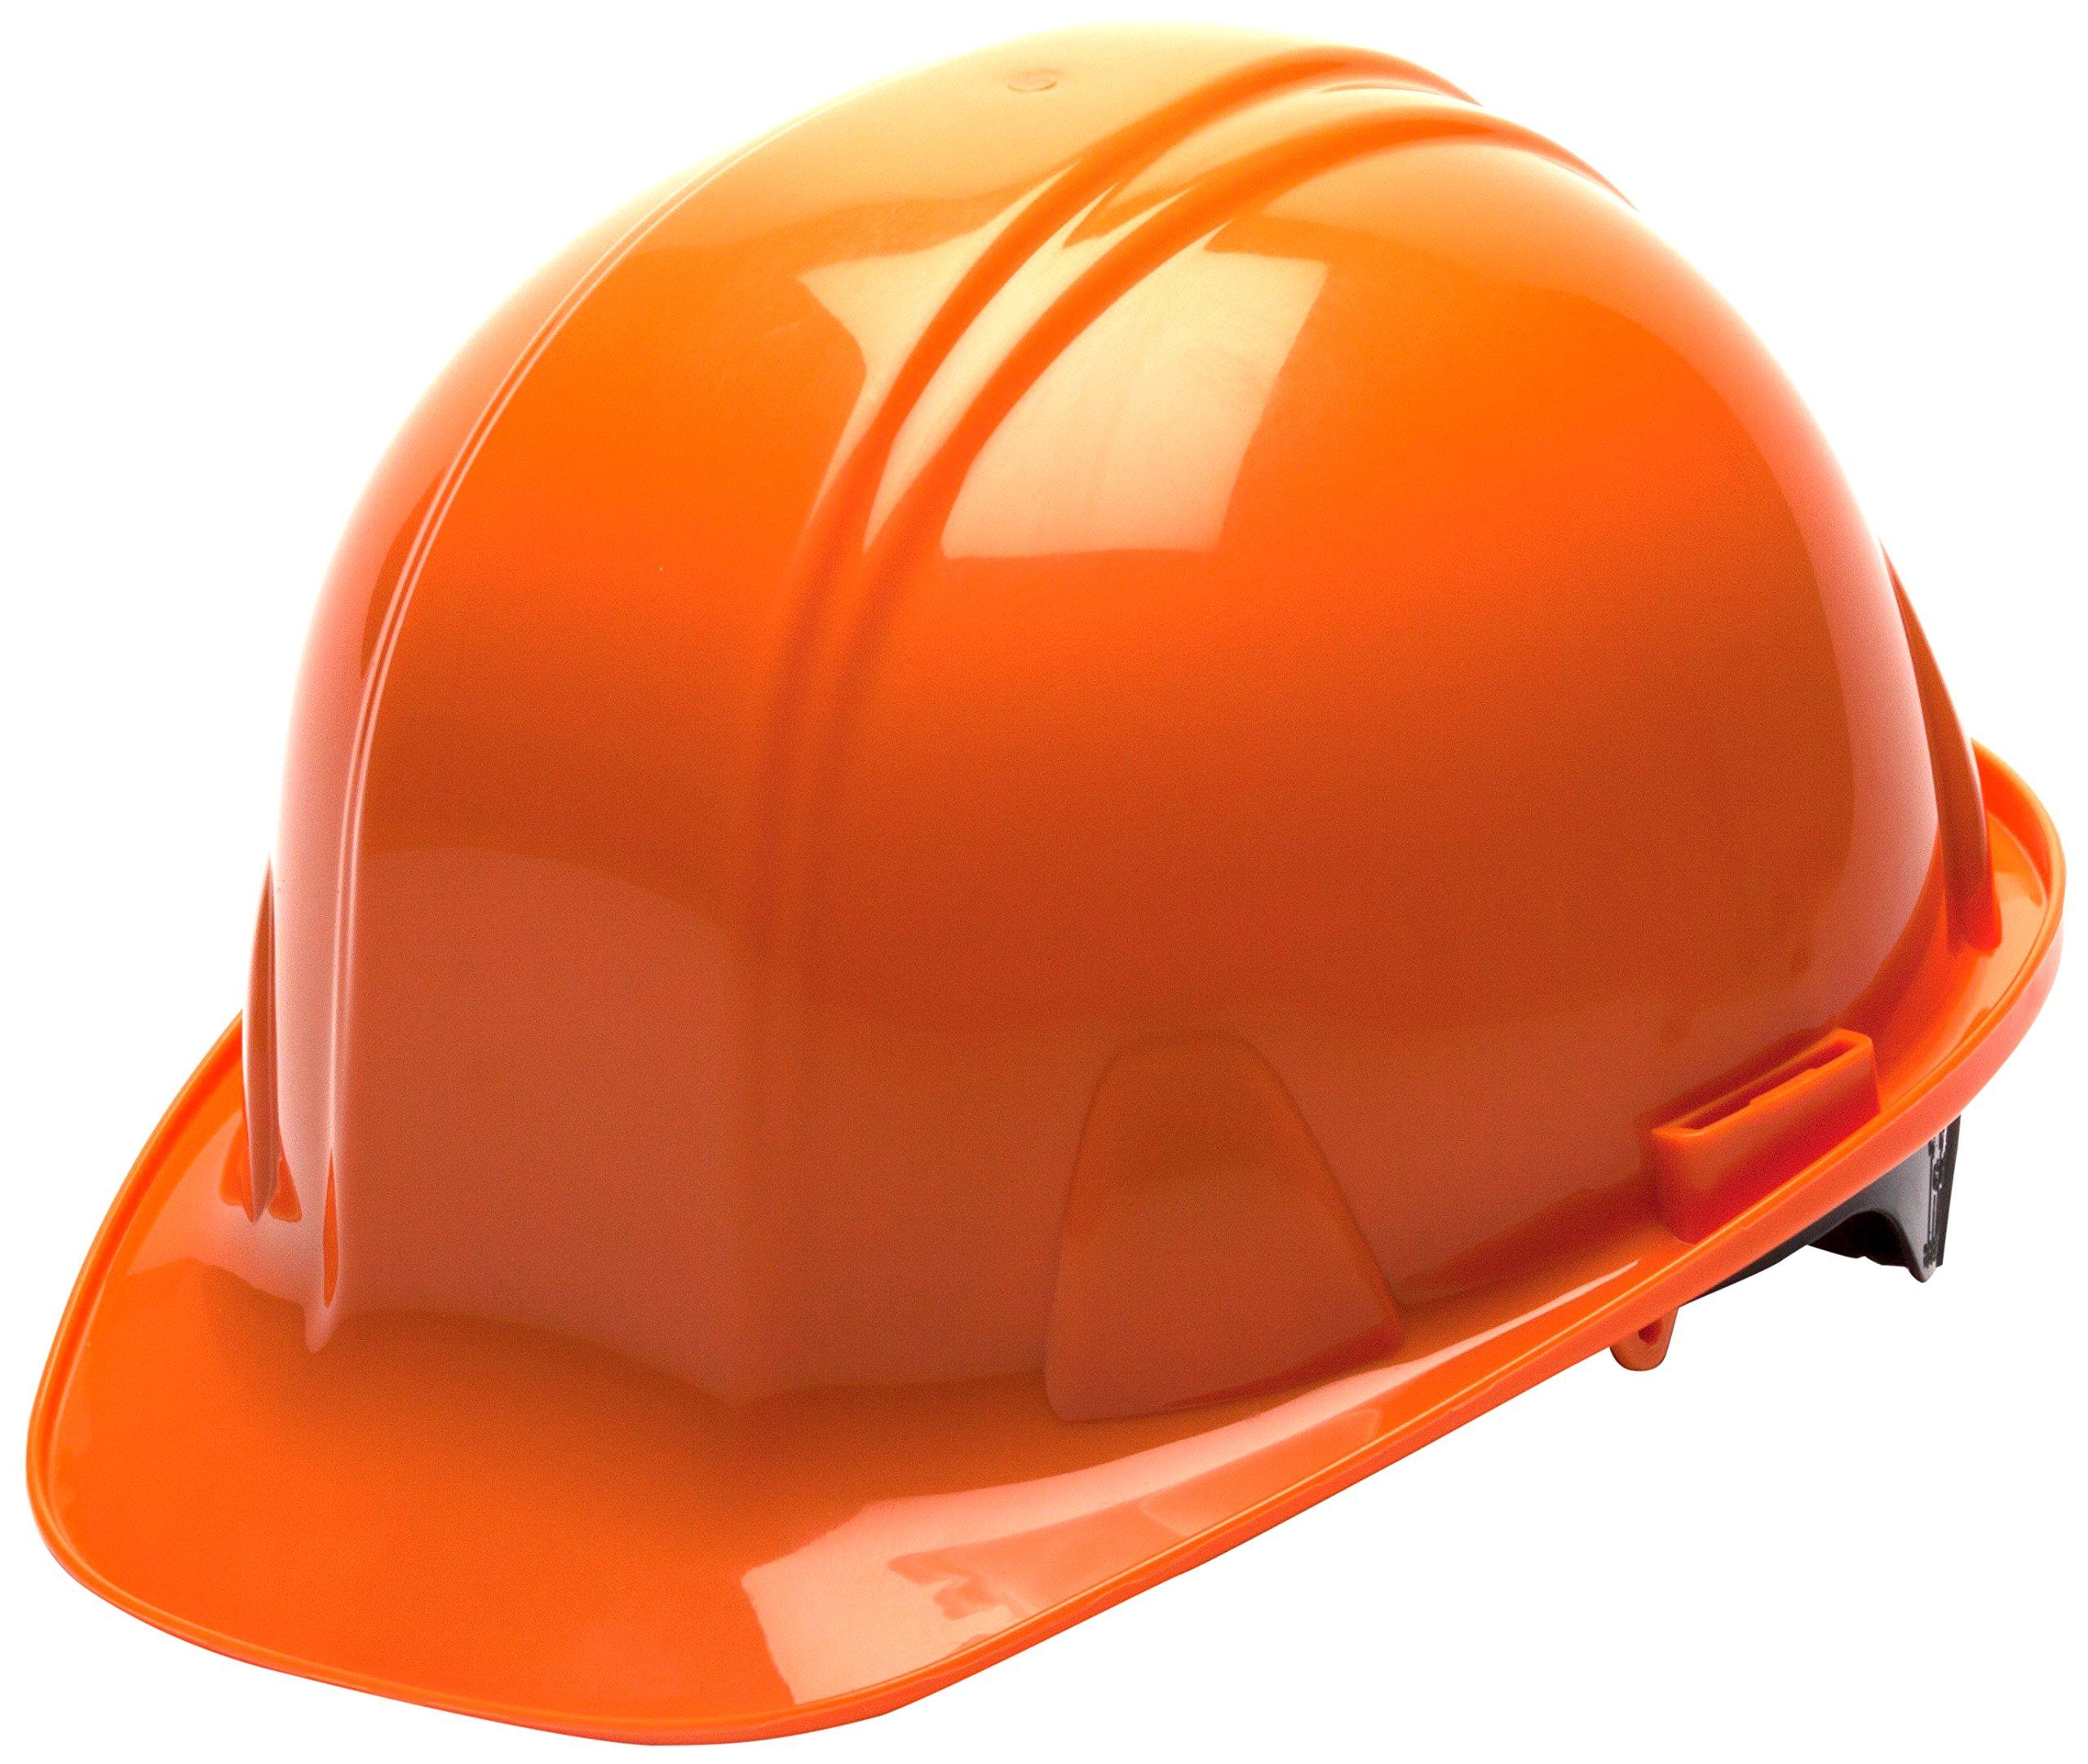 Pyramex Standard Shell Snap Lock Suspension Hard Hat, 4 Point Snap Lock Suspension, Orange